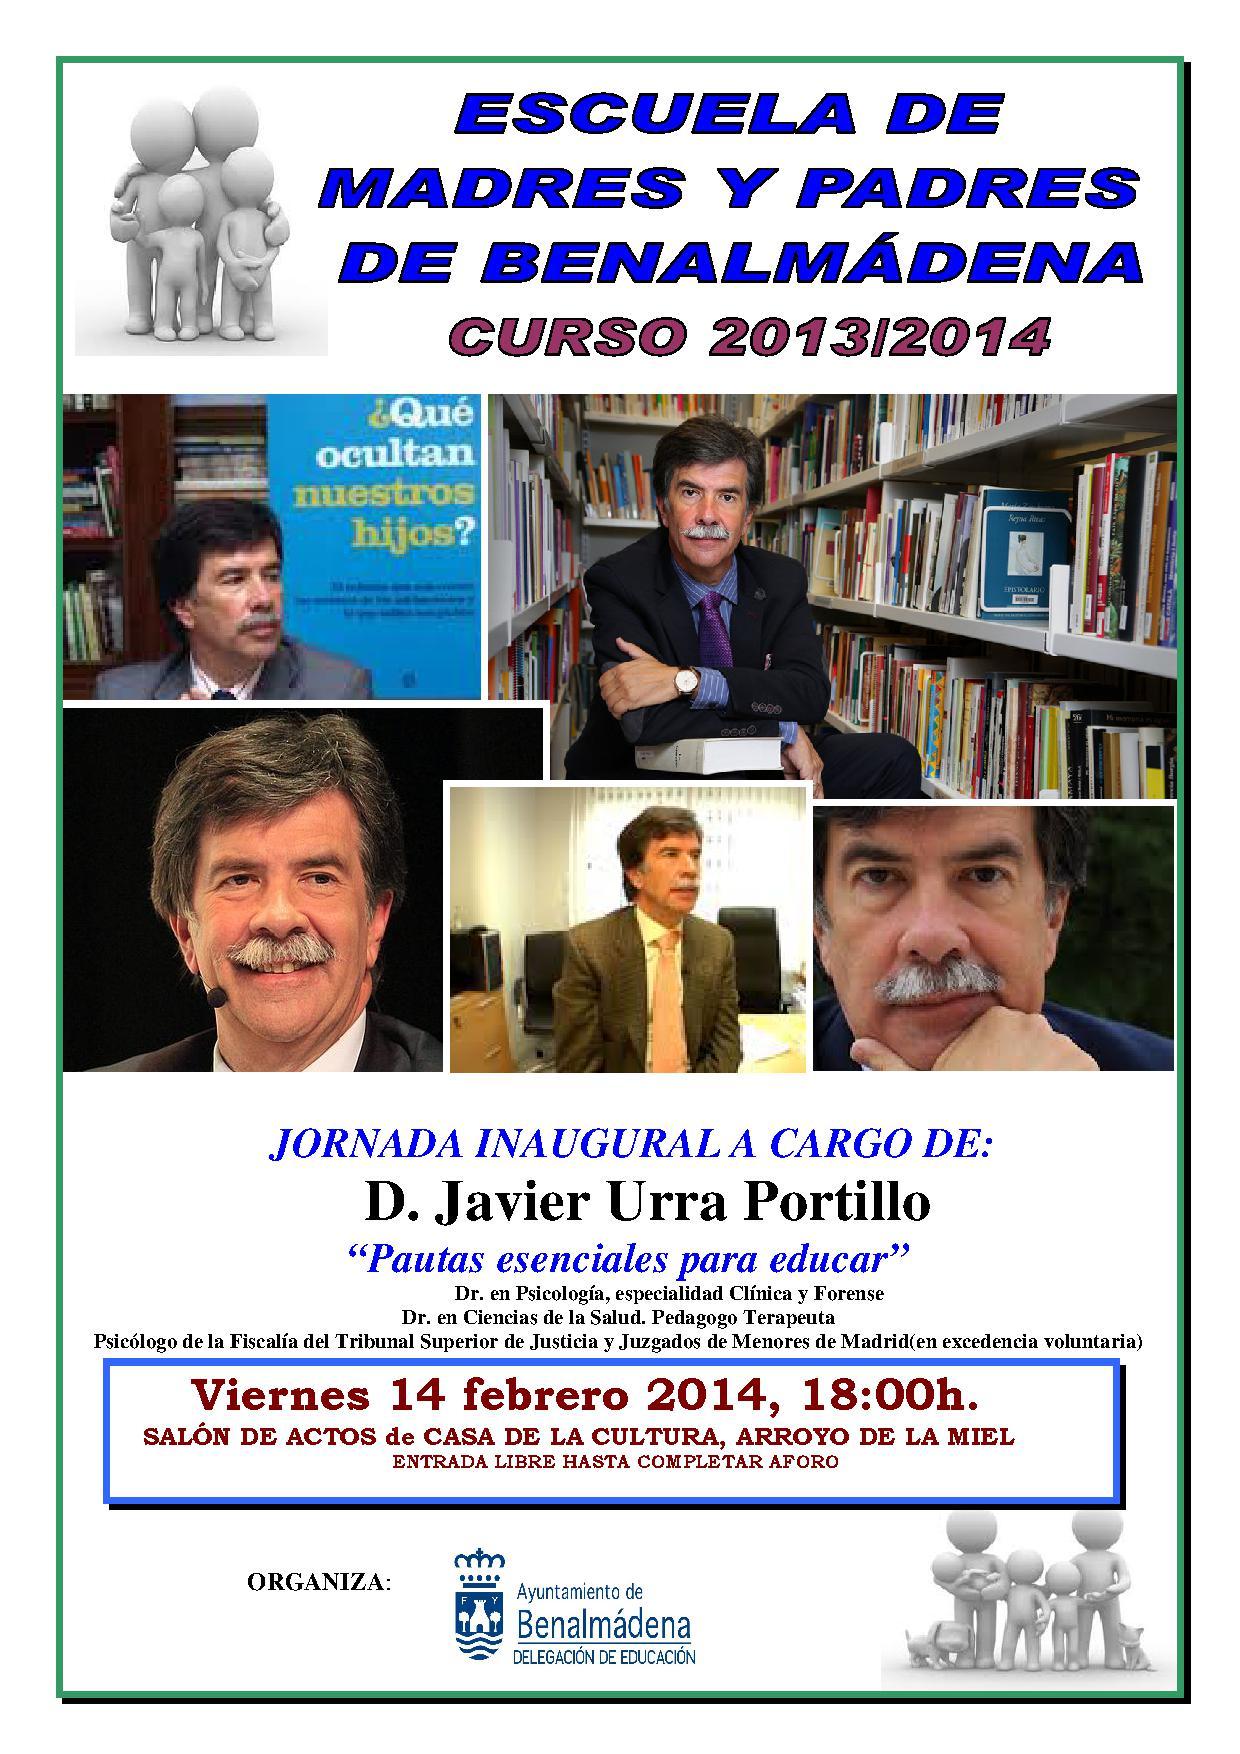 Jornada Inaugural de la Escuela de Madres y Padresde Benalmádena a cargo de D. Javier Urra Portillo